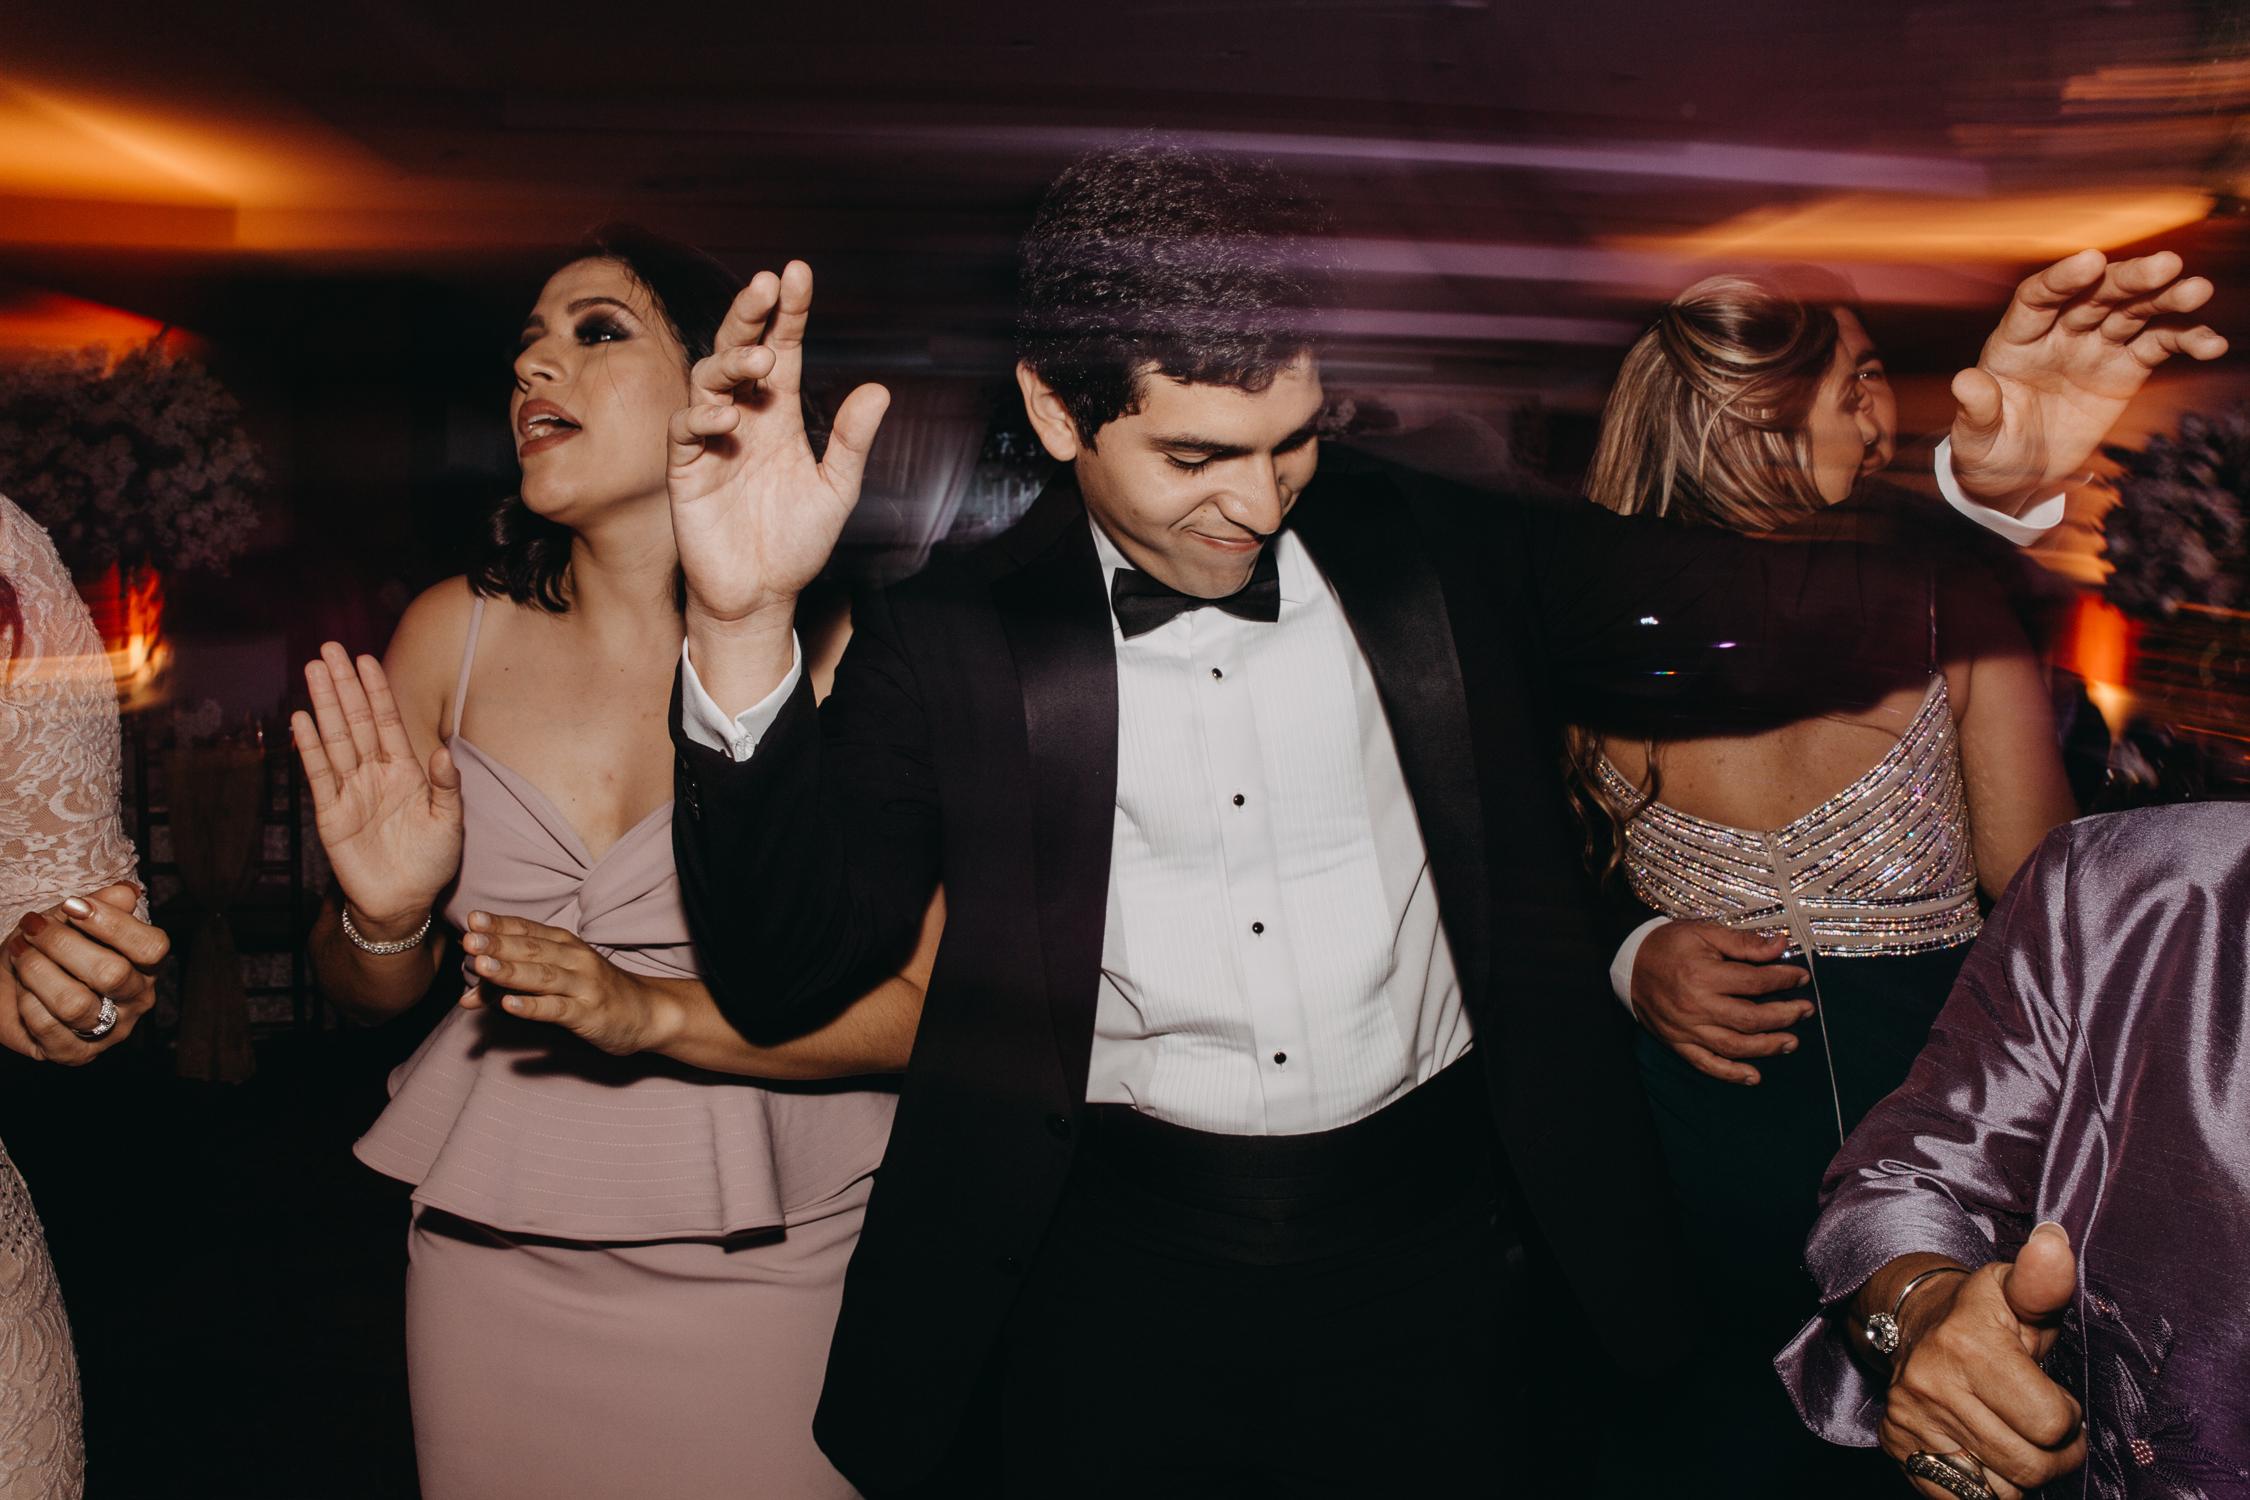 Michelle-Agurto-Fotografia-Bodas-Ecuador-Destination-Wedding-Photographer-Patricia-Guido-215.JPG